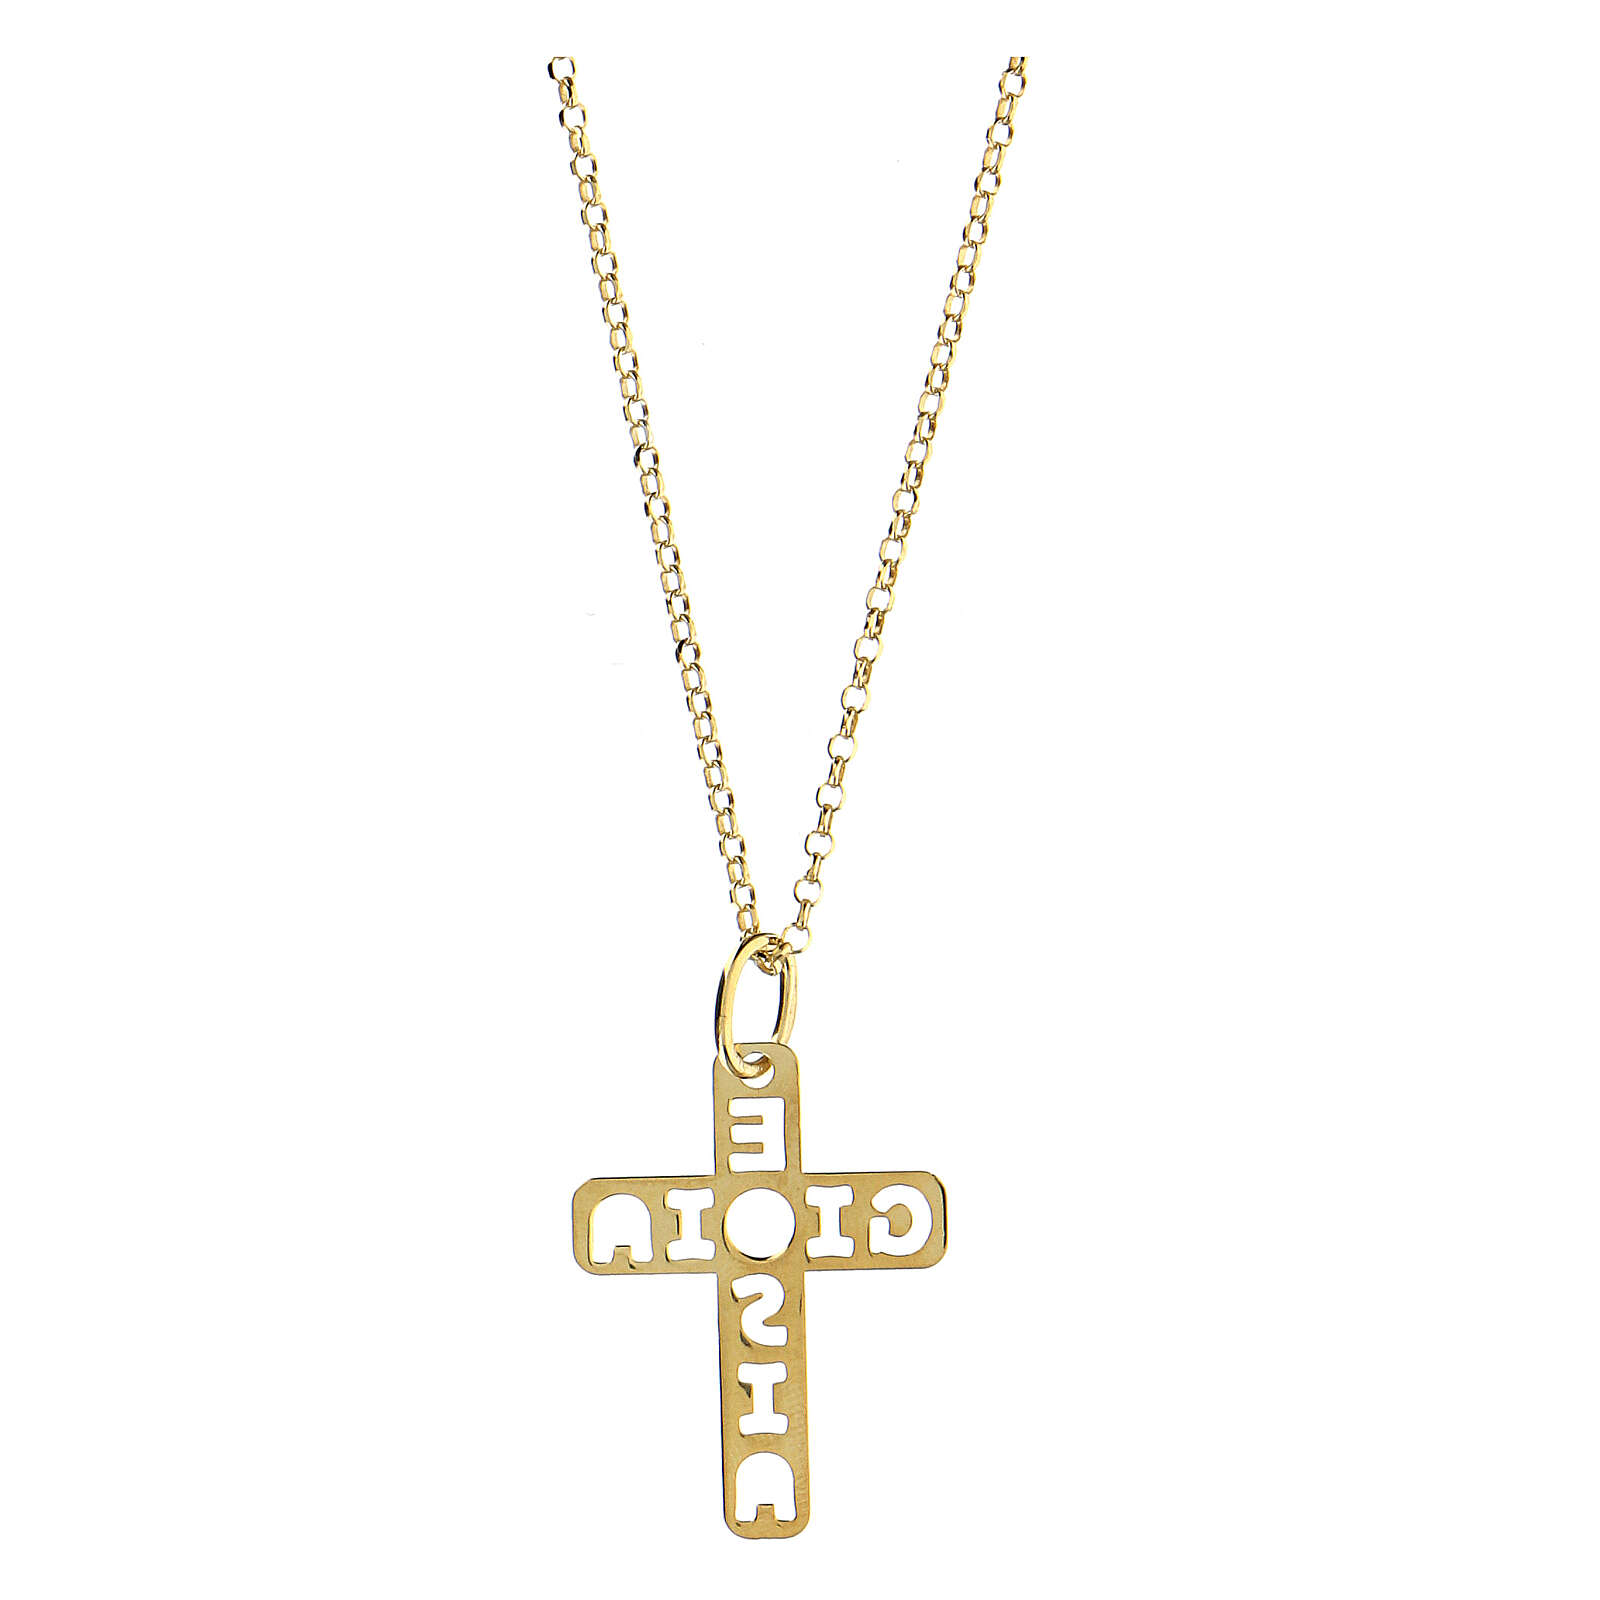 Colgante cruz dorada E Gioia Sia plata 925 grande 4